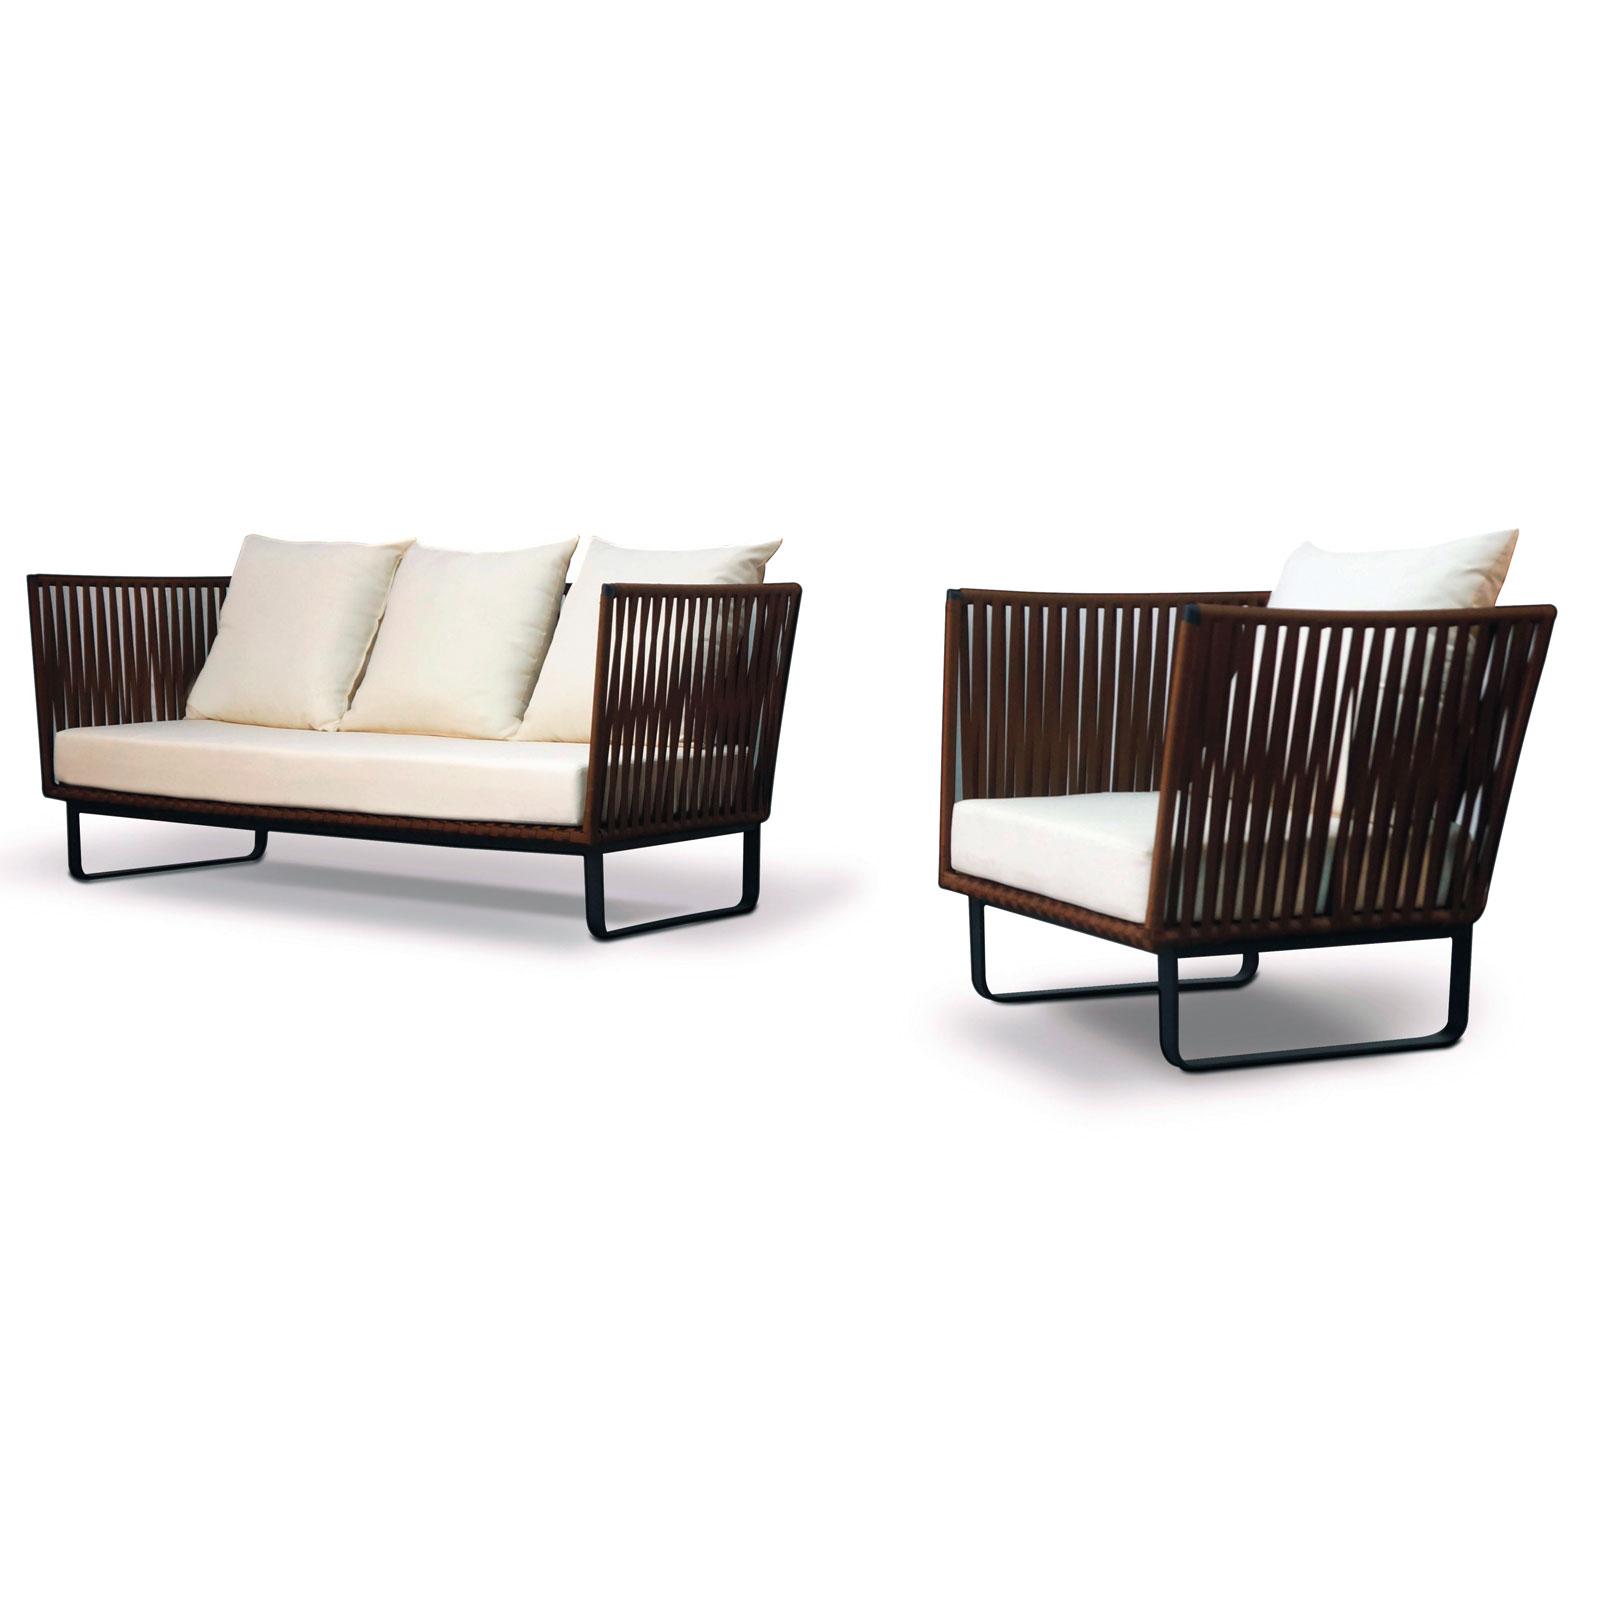 outdoor sofa furniture restoration hardware leather lancaster rentals event rental delivery